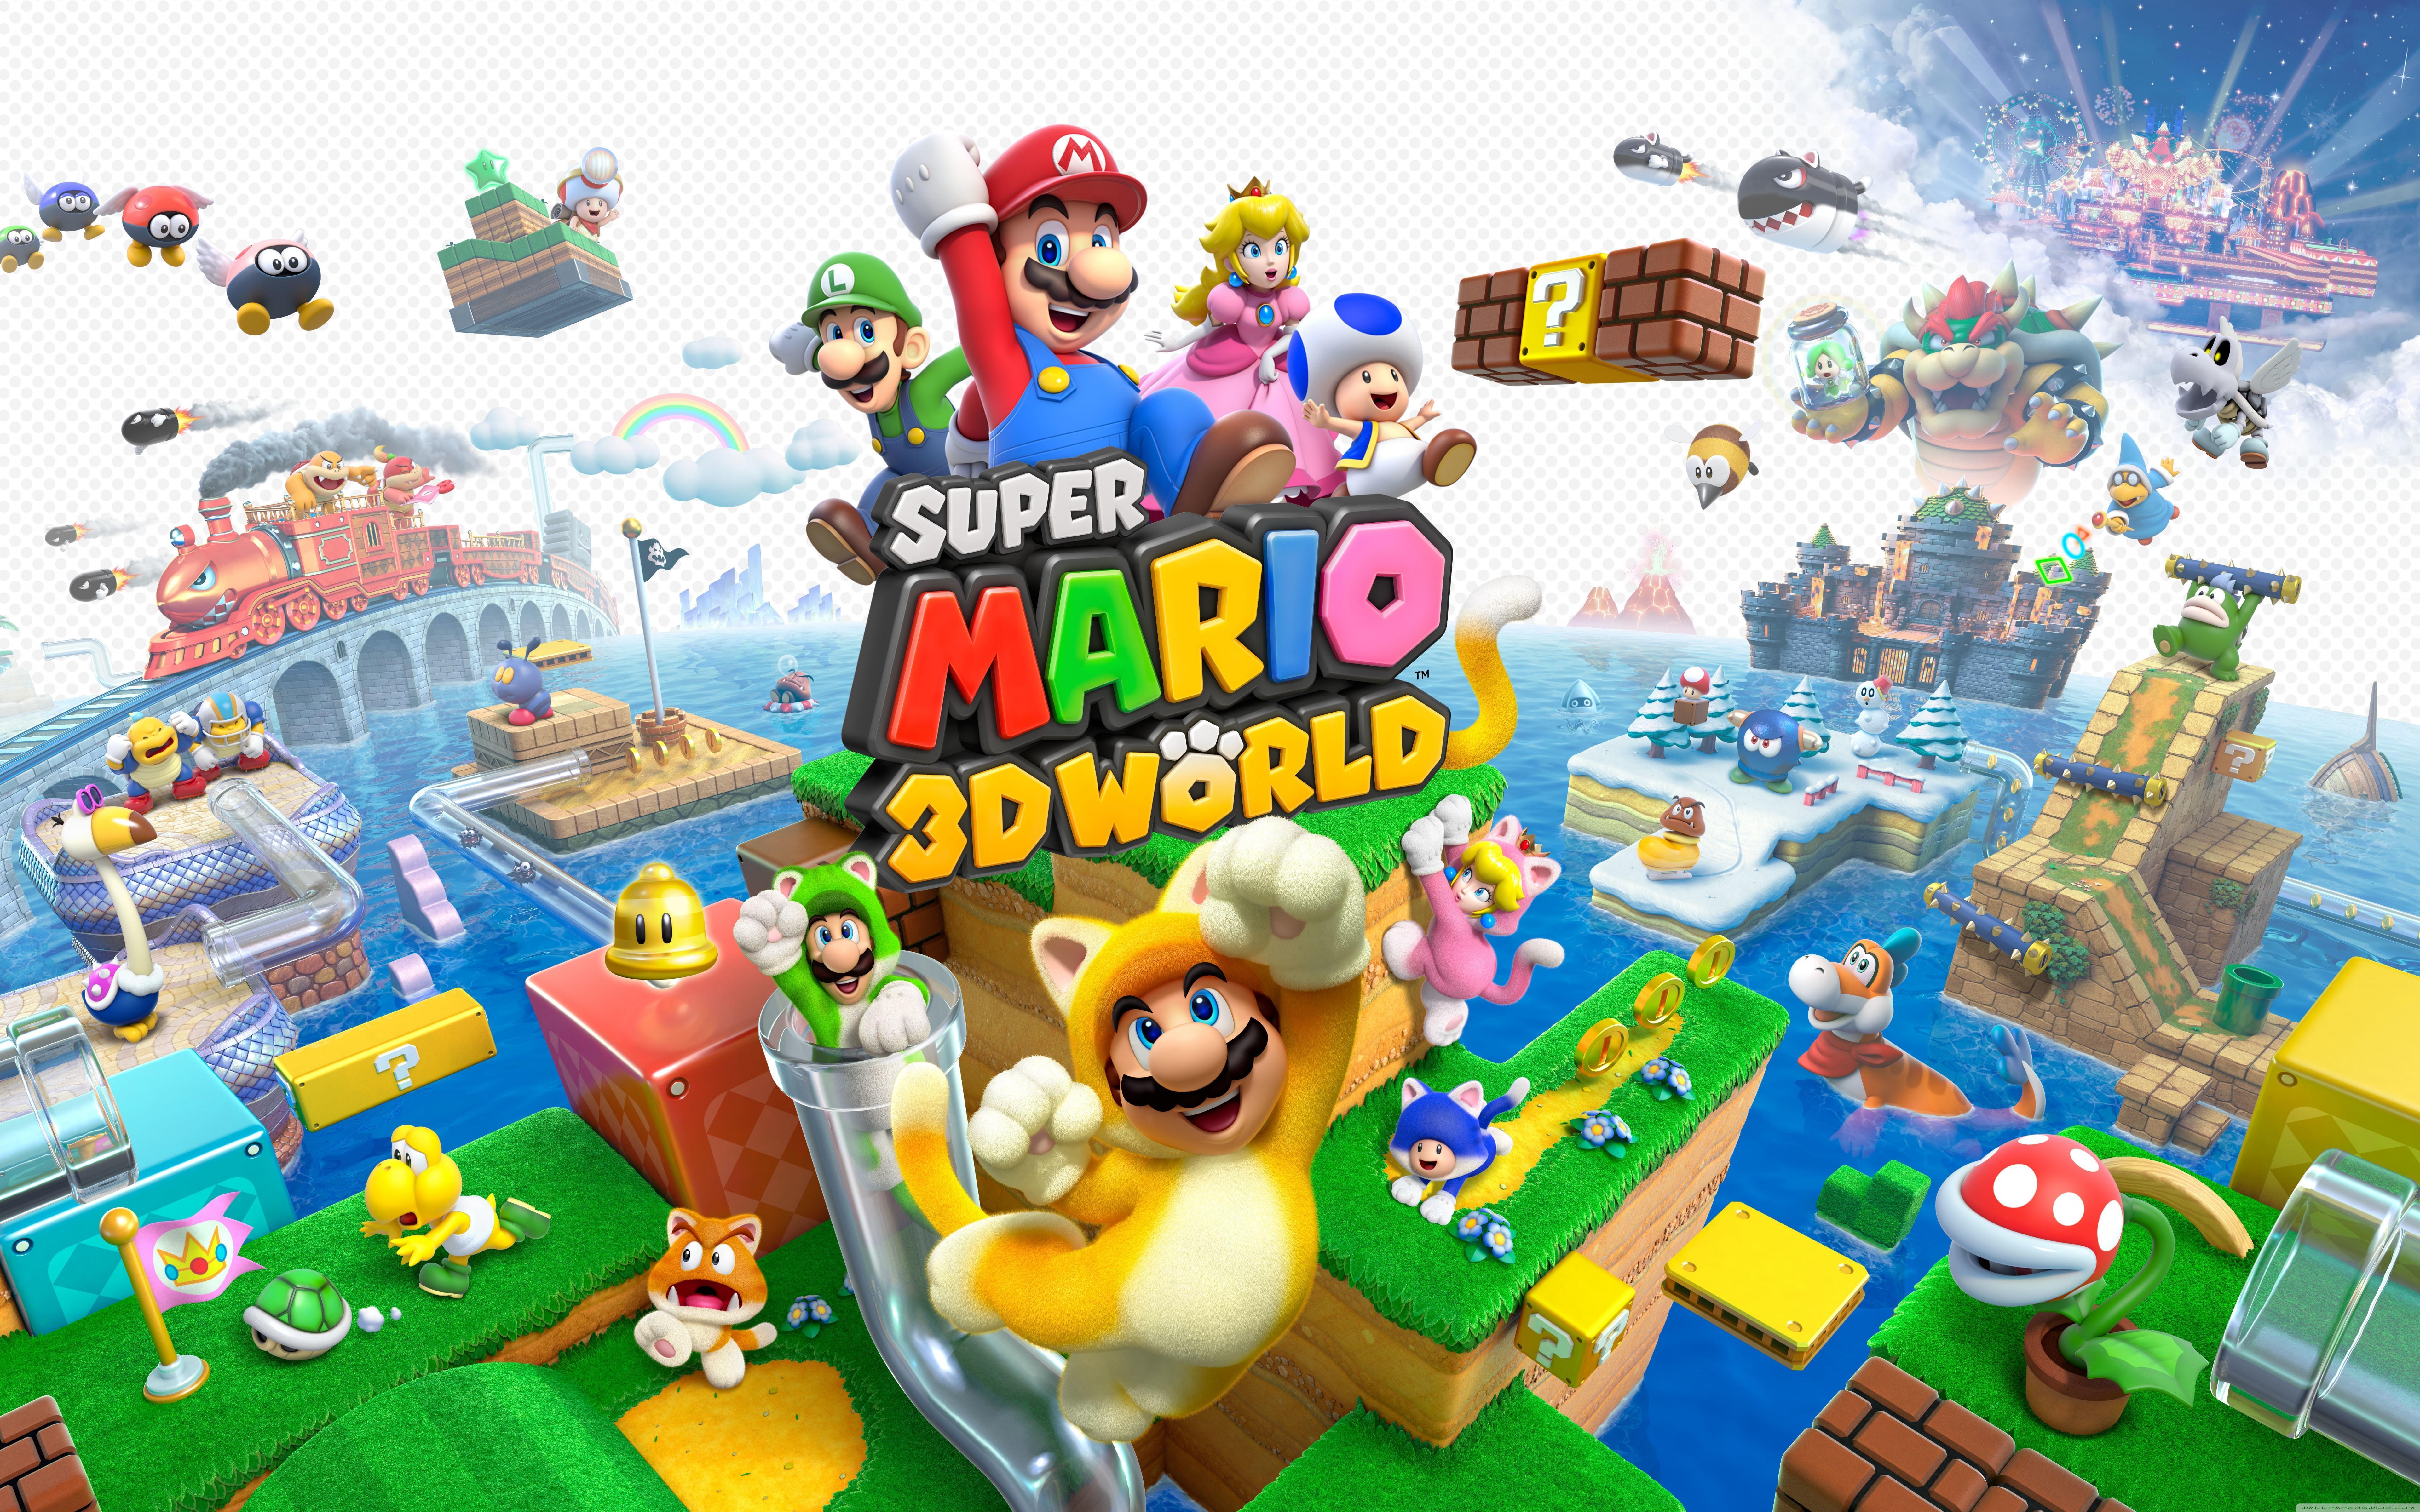 Super Mario 3d World Wallpapers Wallpaper Cave